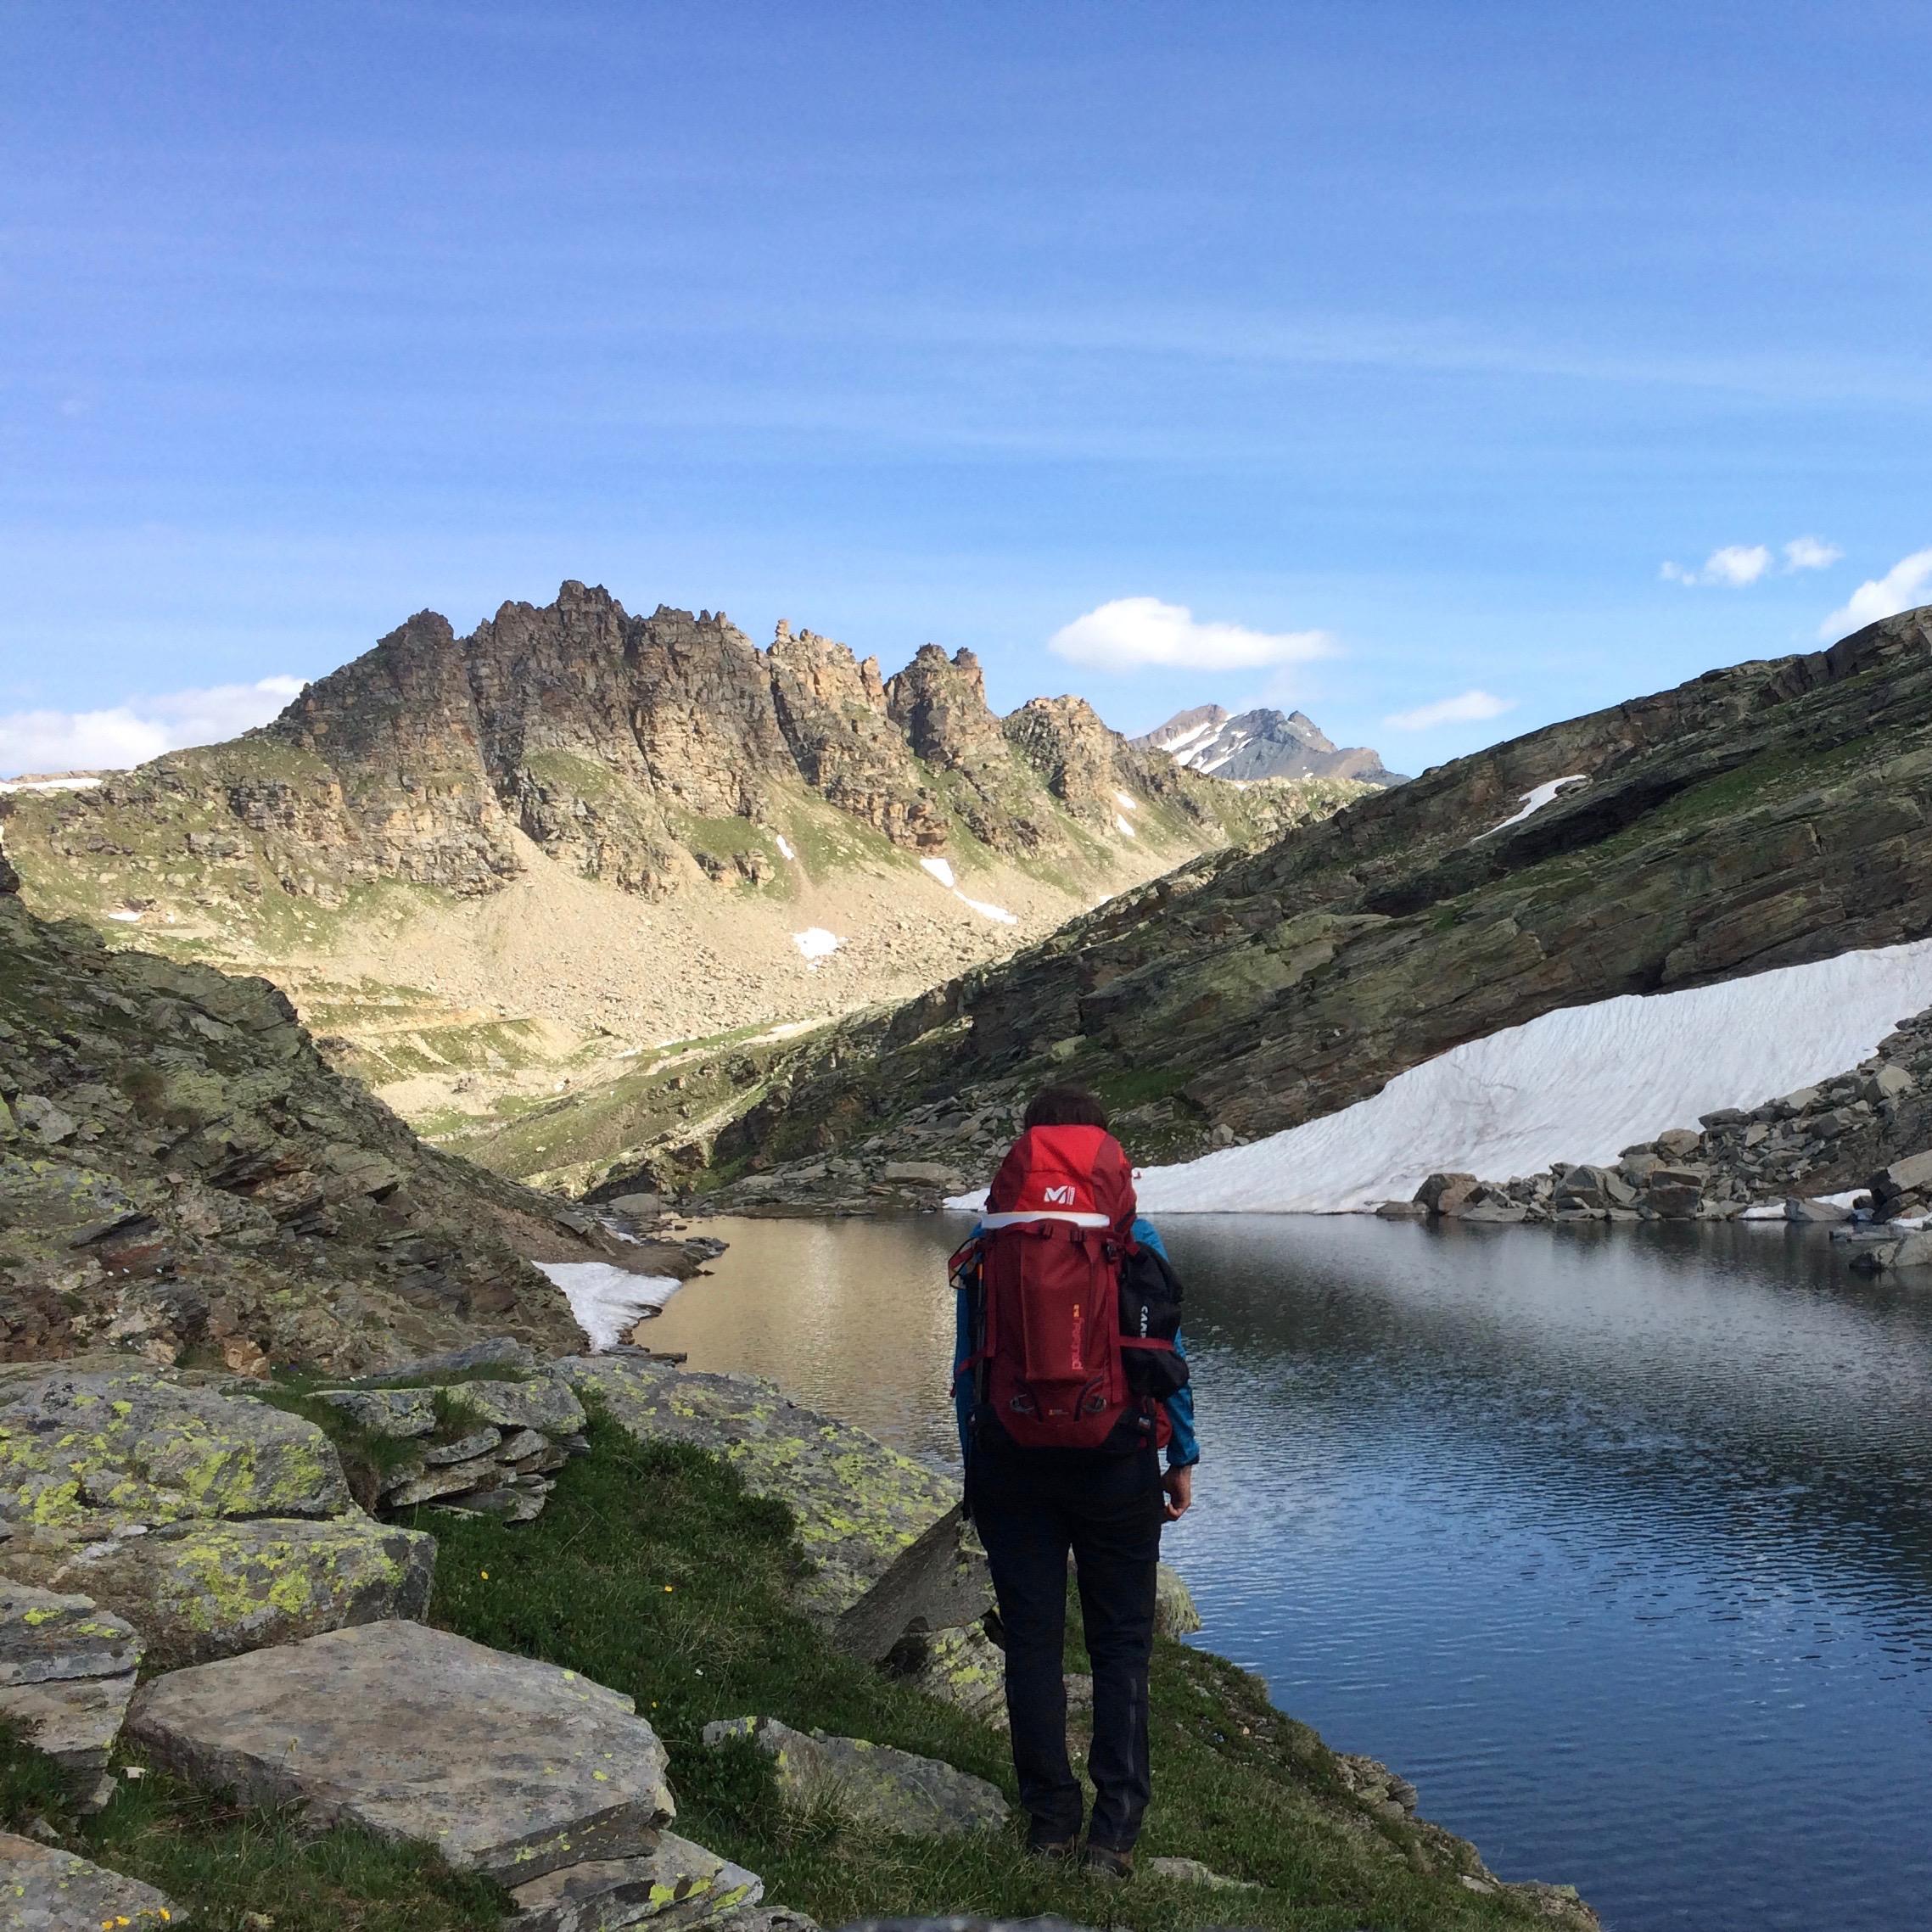 Colle del nivolet durante la traversata delle Alpi nell'estate del 2016